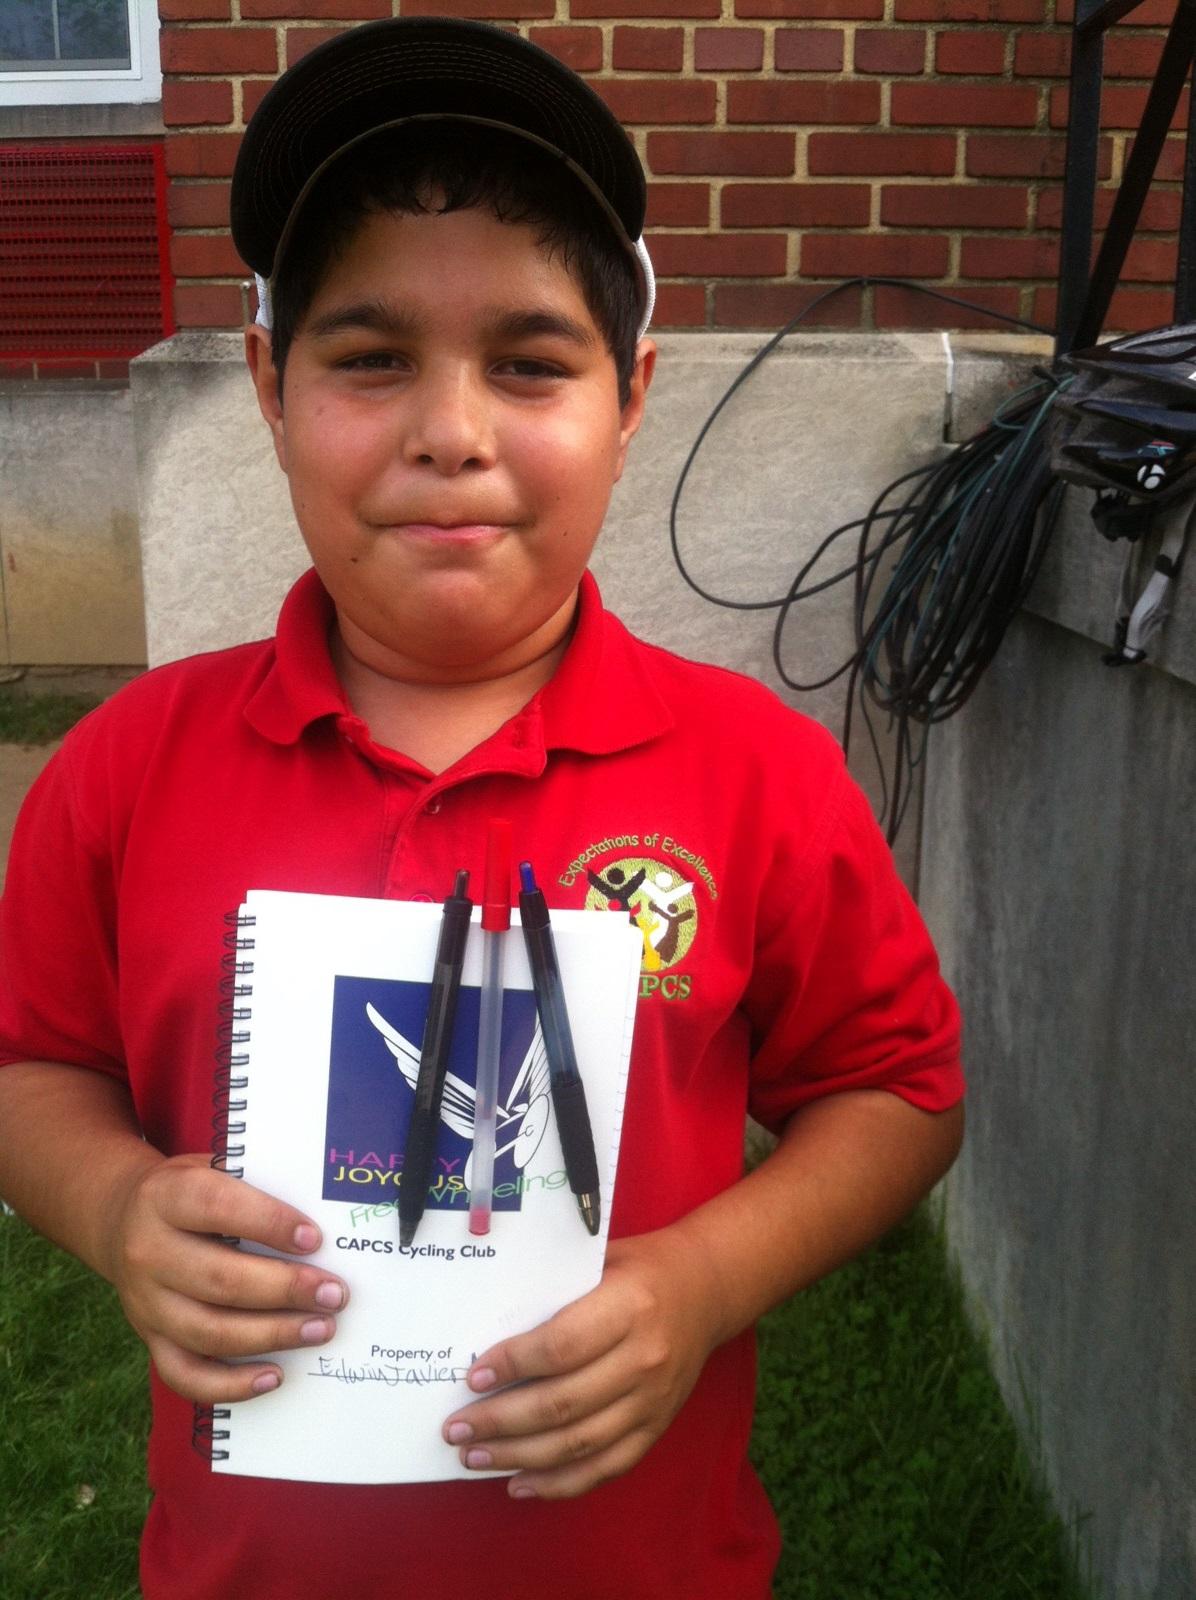 Boy with CAPCS bike club journal